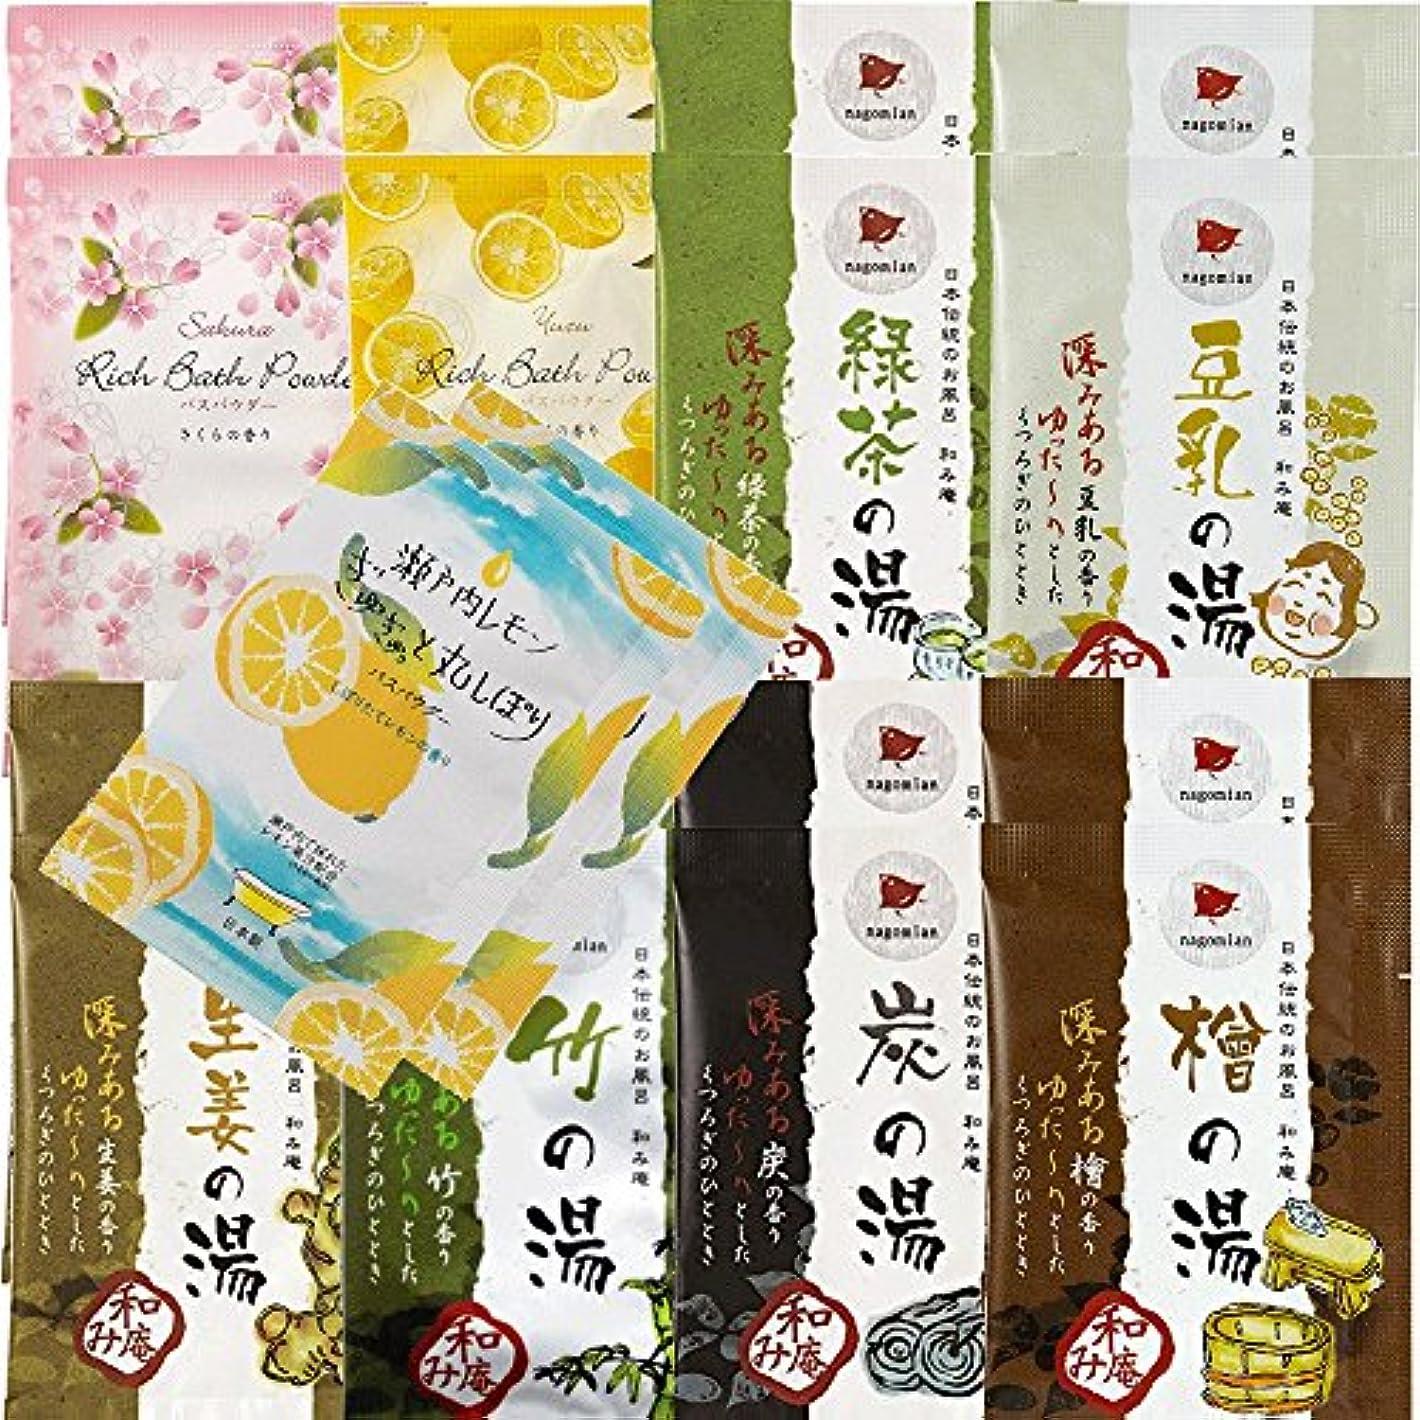 れる逃げる責任日本伝統のお風呂 和み庵 6種類×2 + バスパウダー 3種類×2セット 和風入浴剤 18包セット